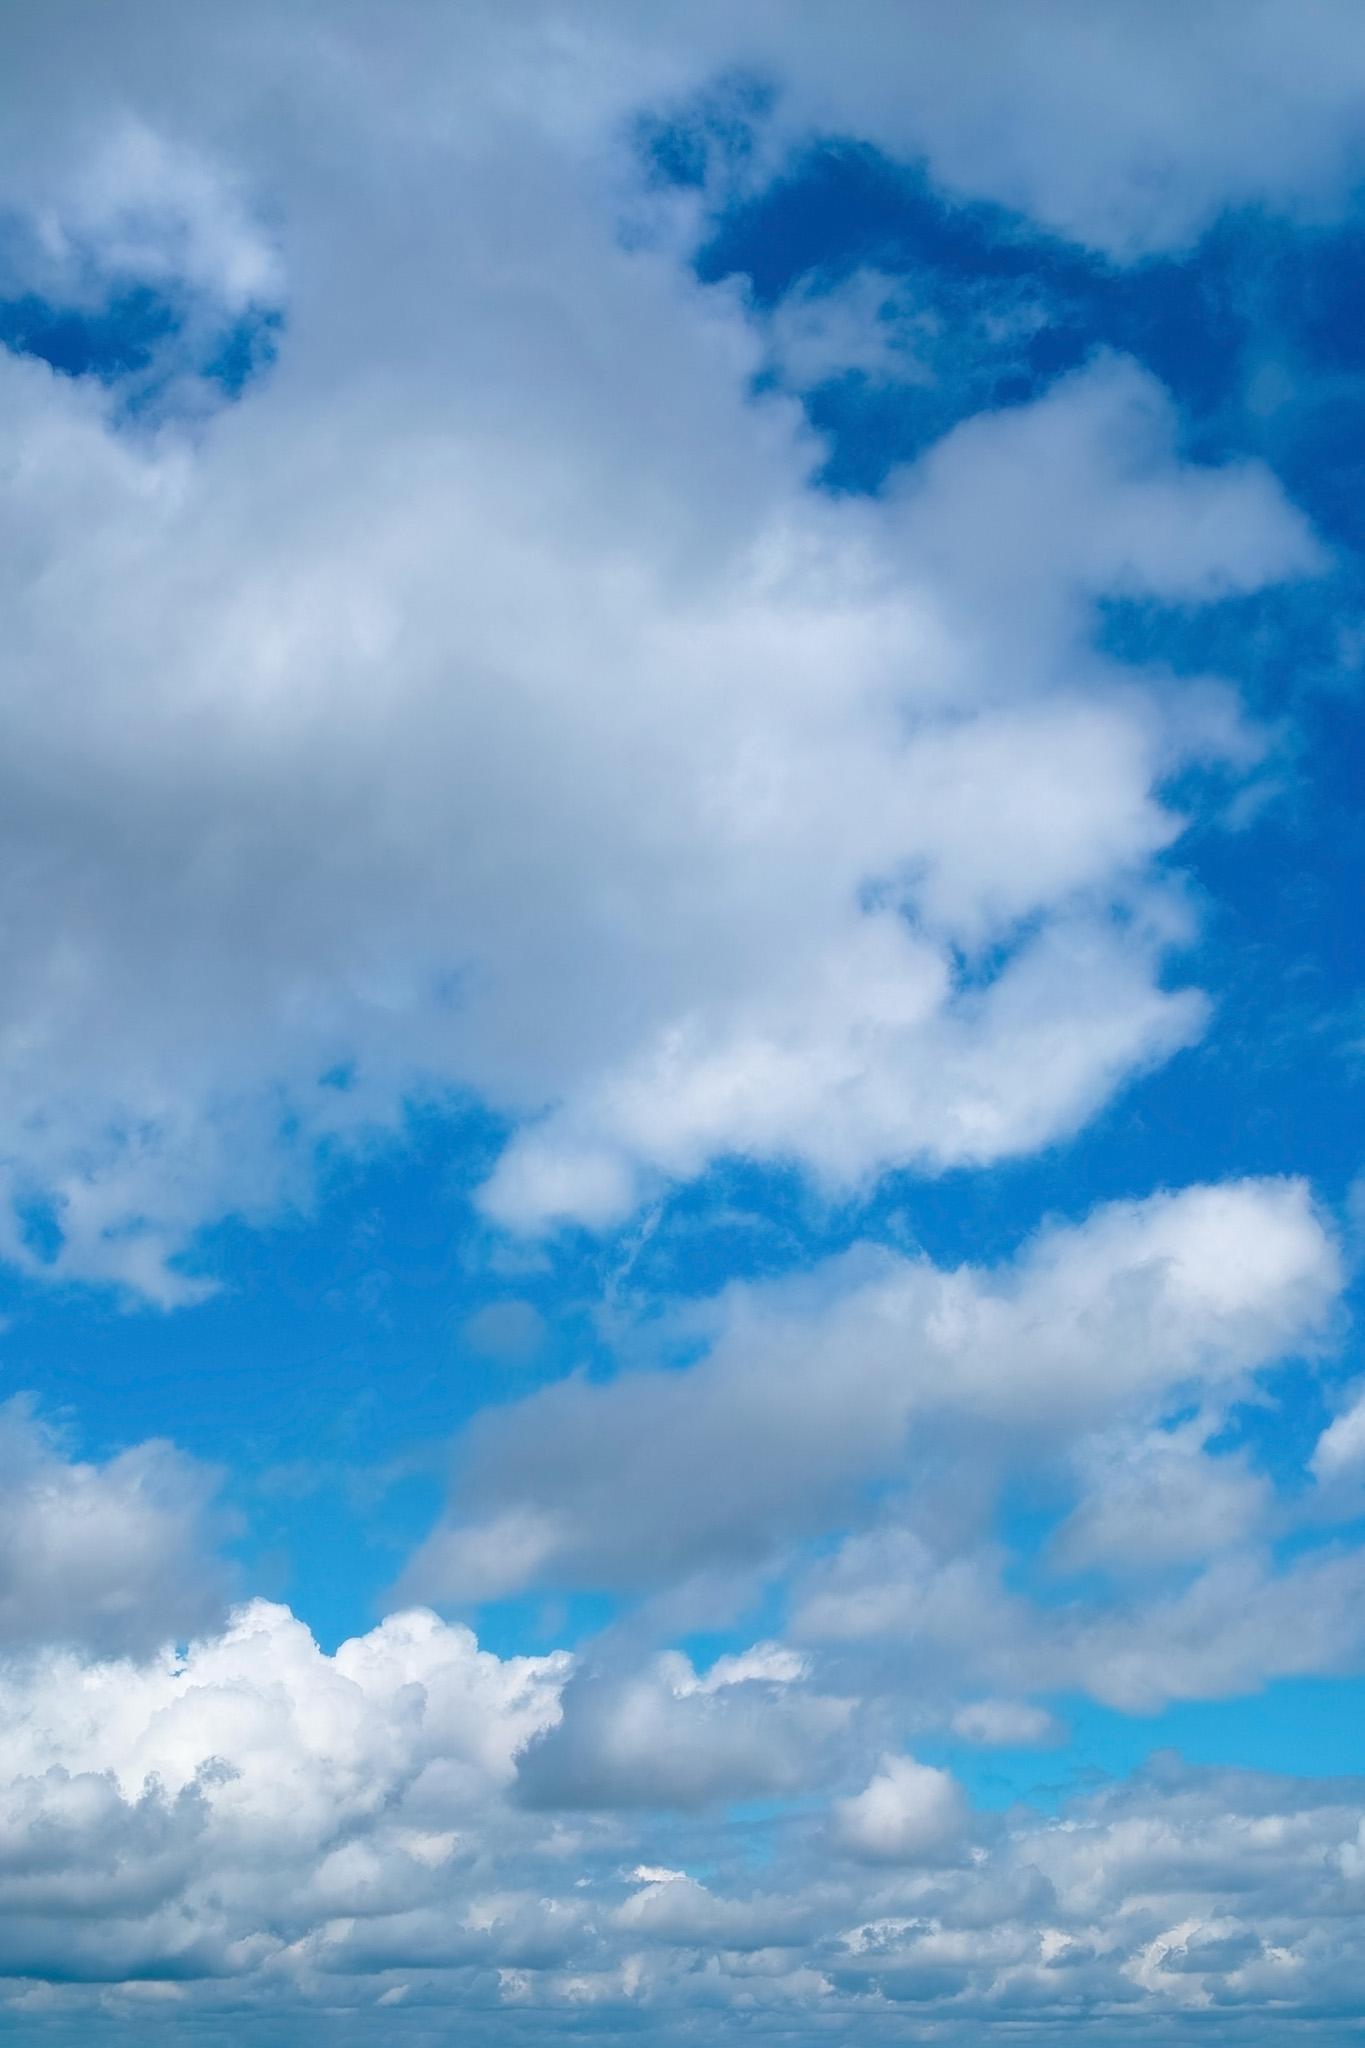 「連なる厚い雲と青空」